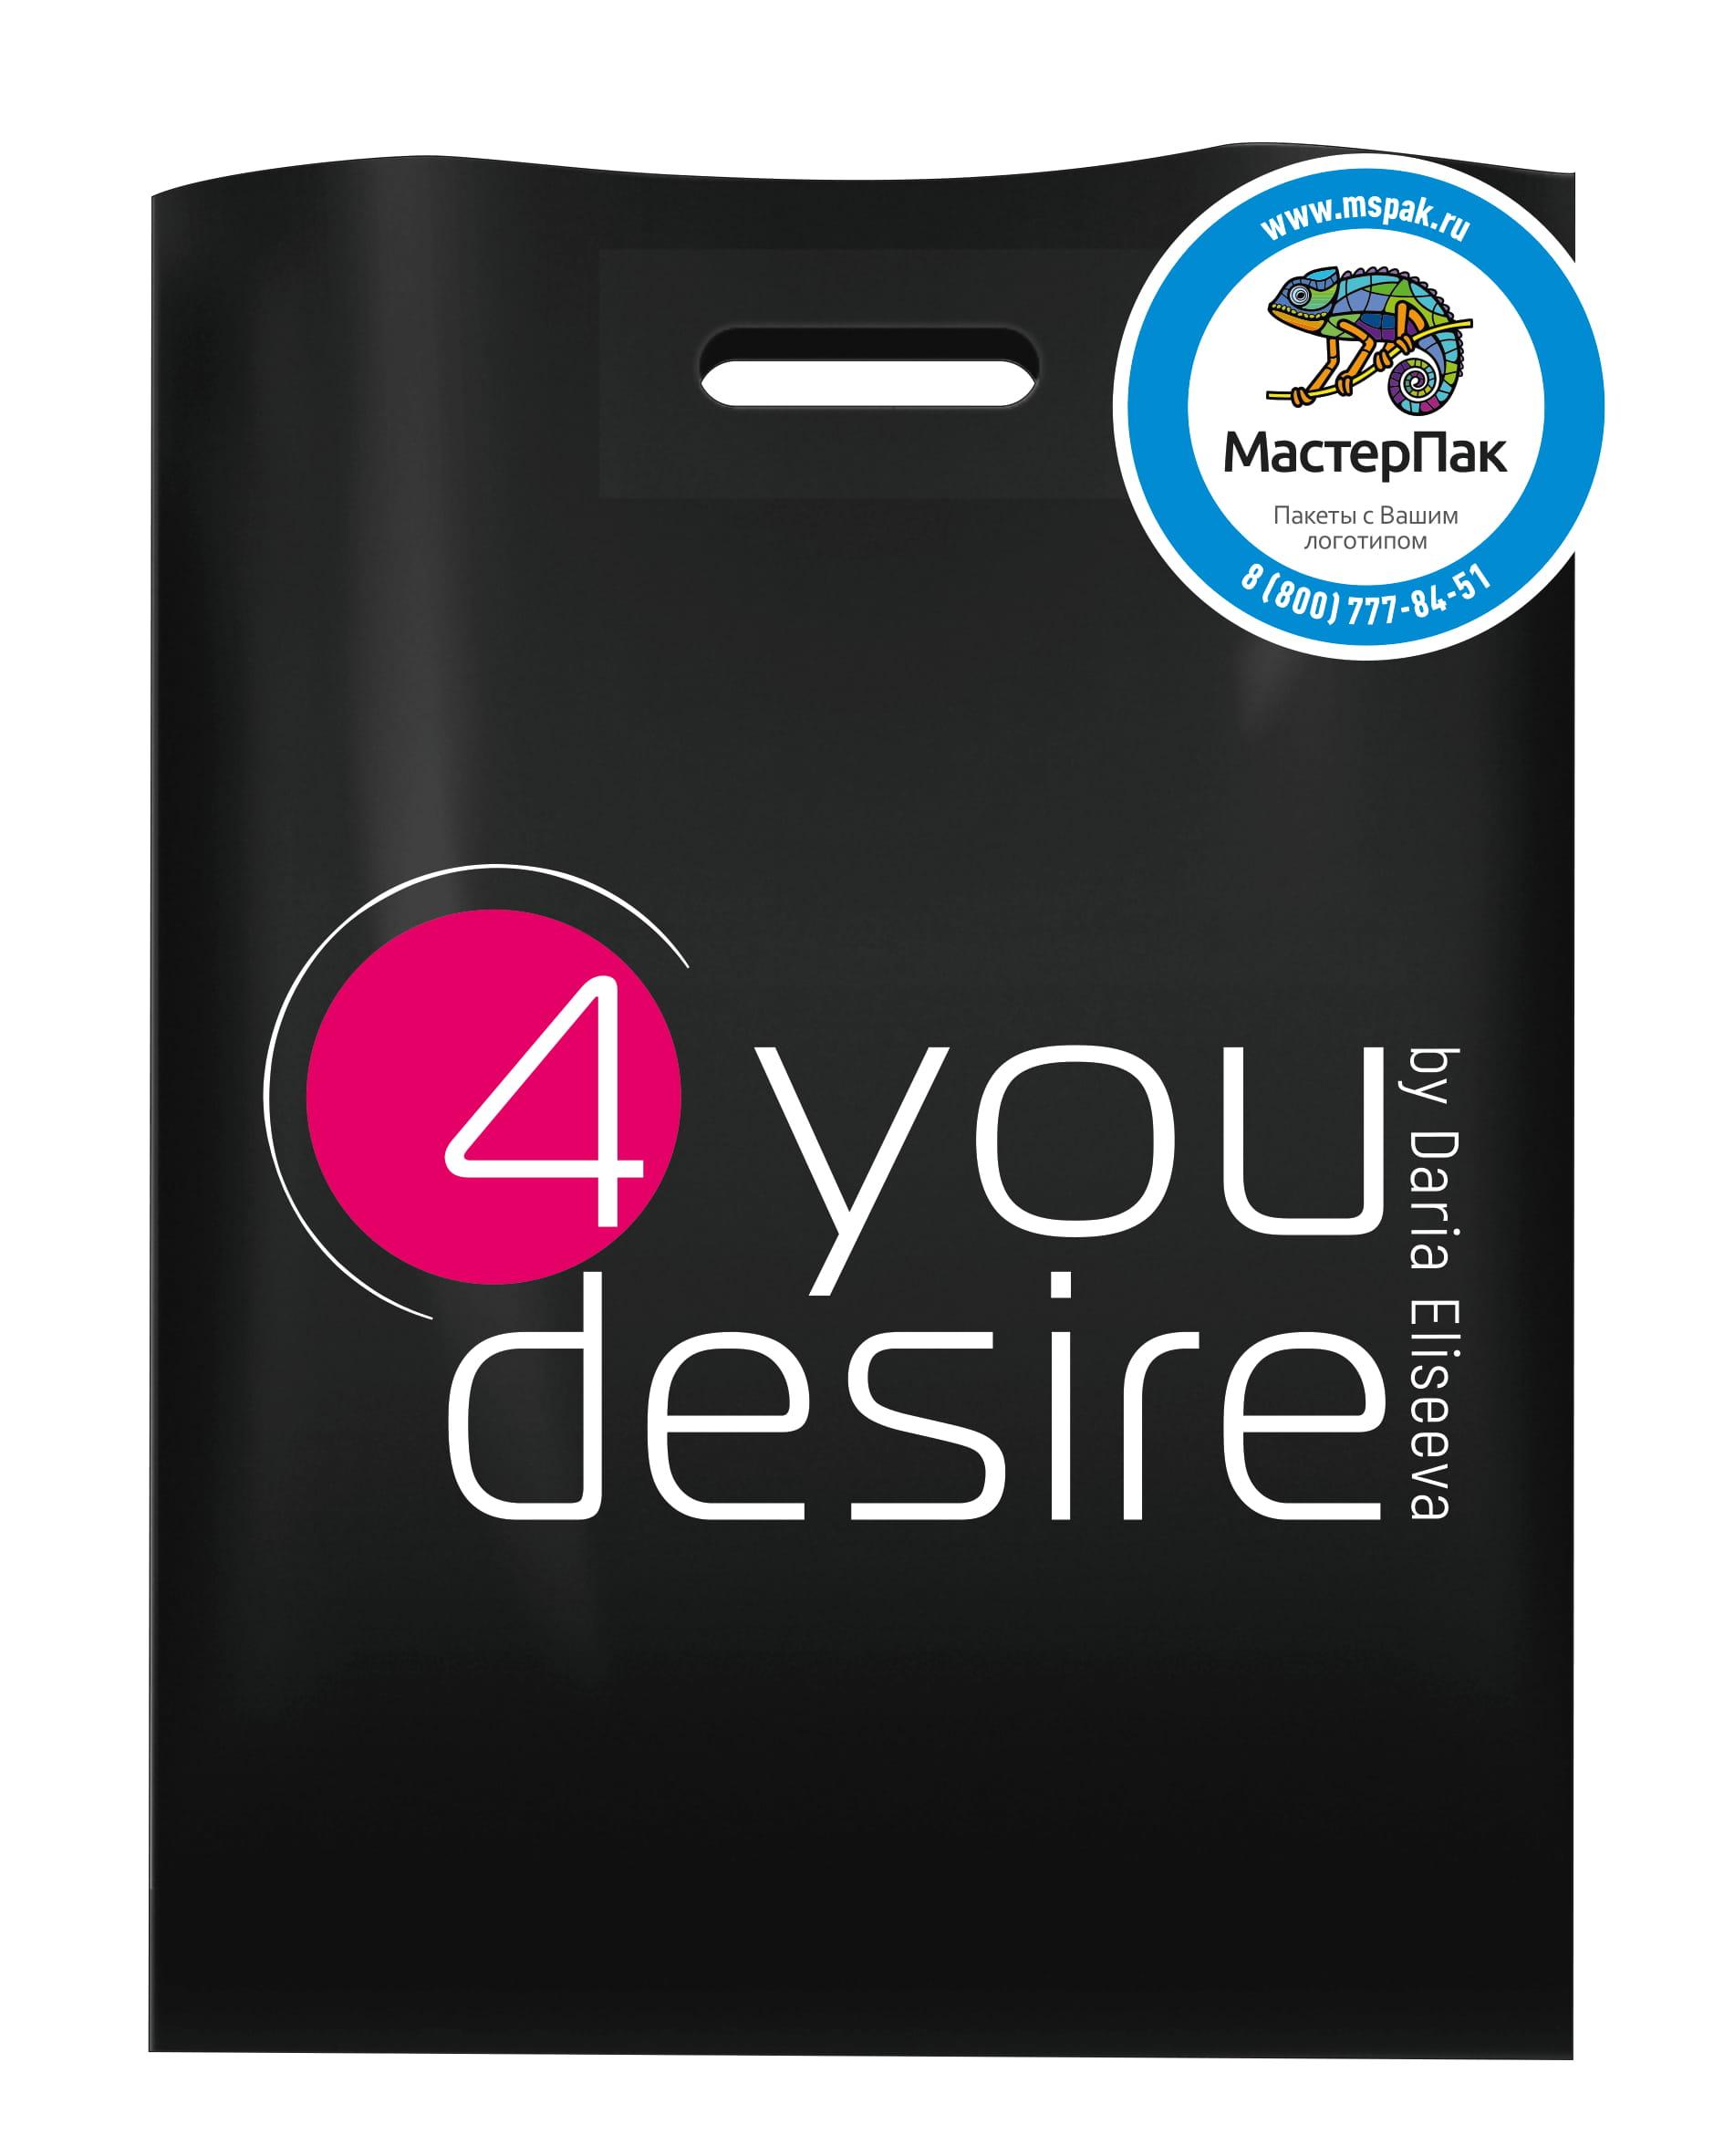 Пакет ПВД с логотипом магазина 4 you desire, Воронеж